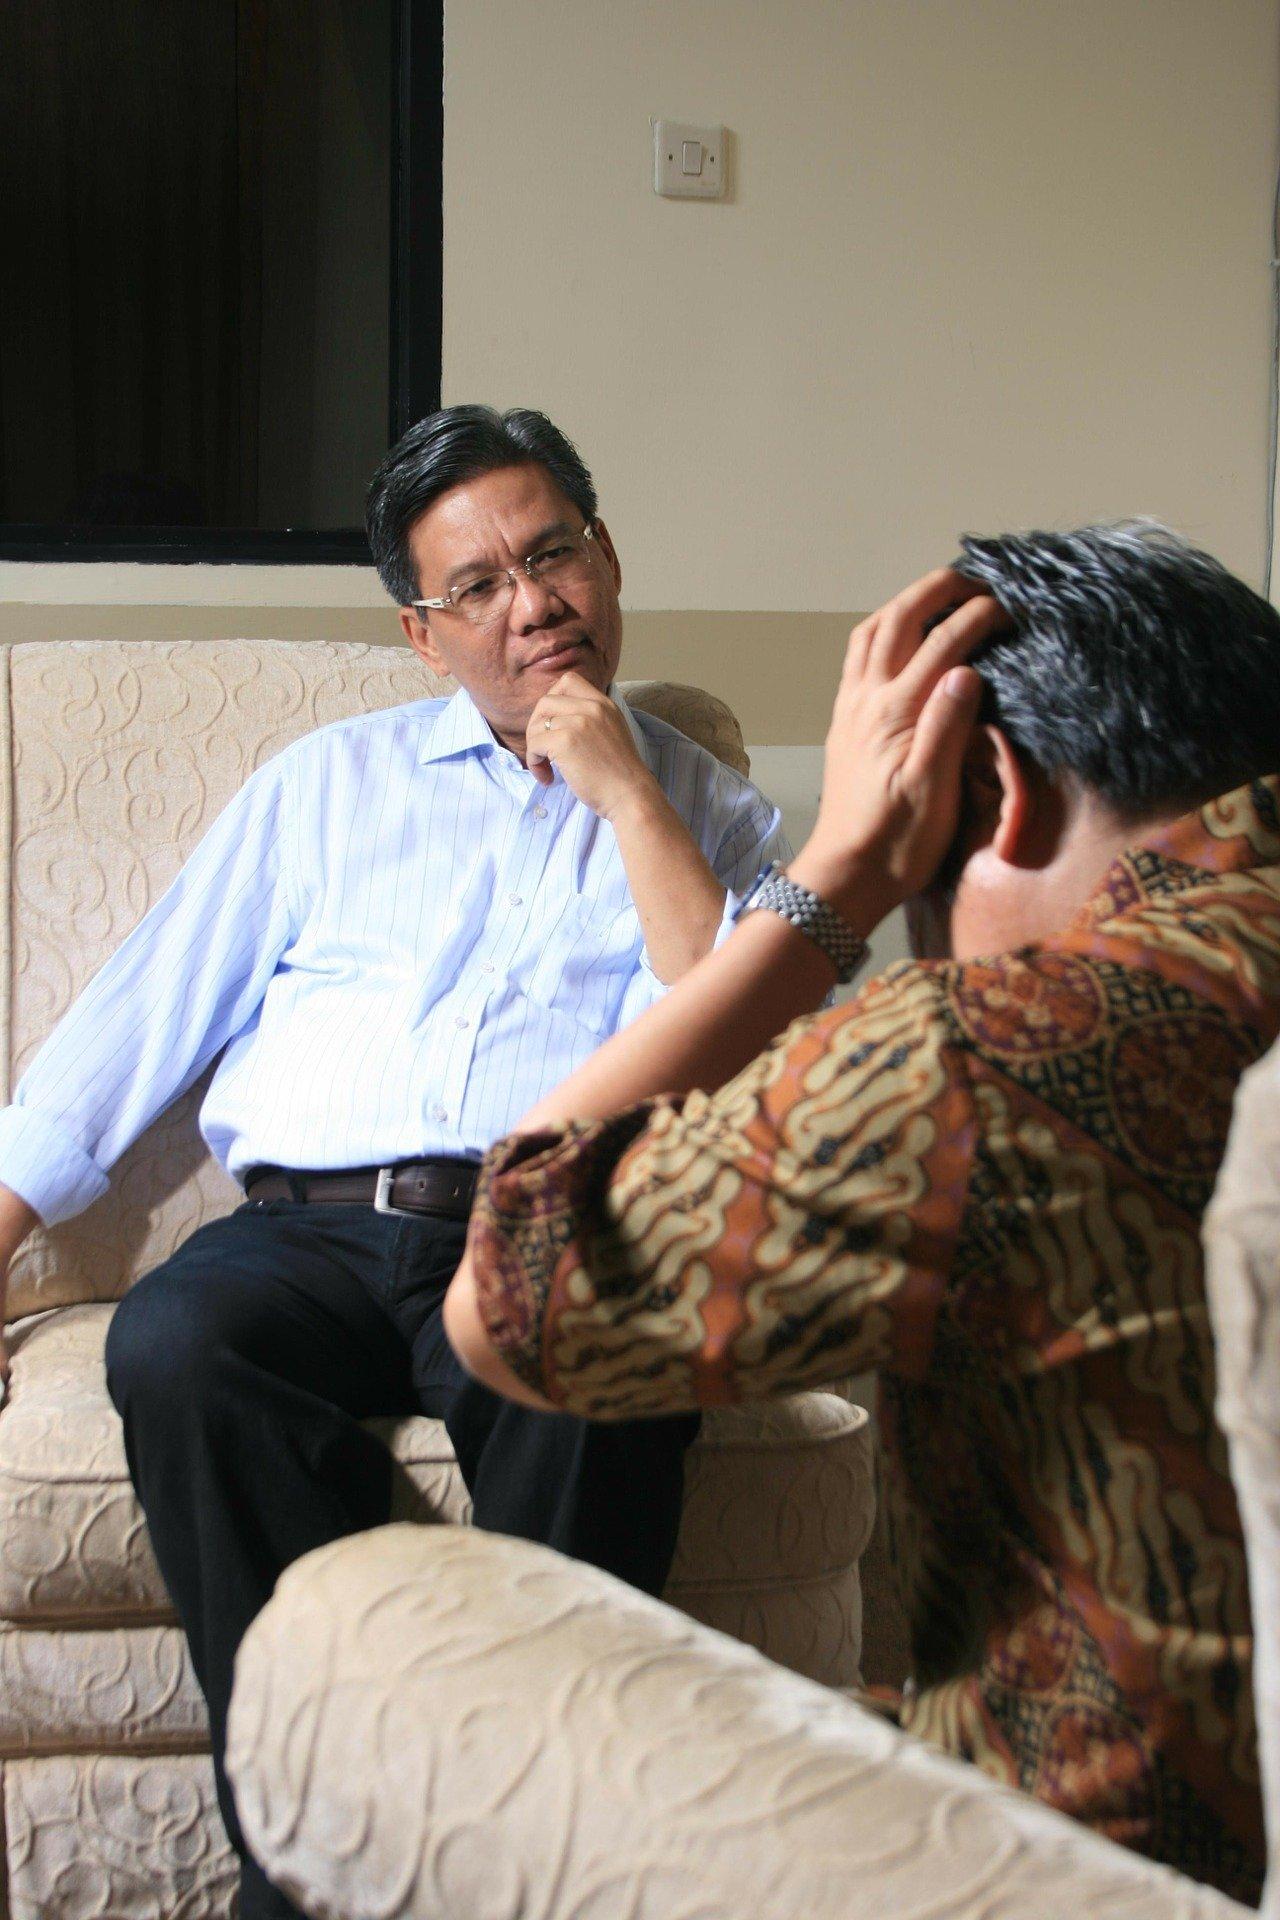 Die Verbesserung der psychischen Gesundheit Sensibilisierung und Unterstützung für Patienten mit anhaltenden Schmerzen